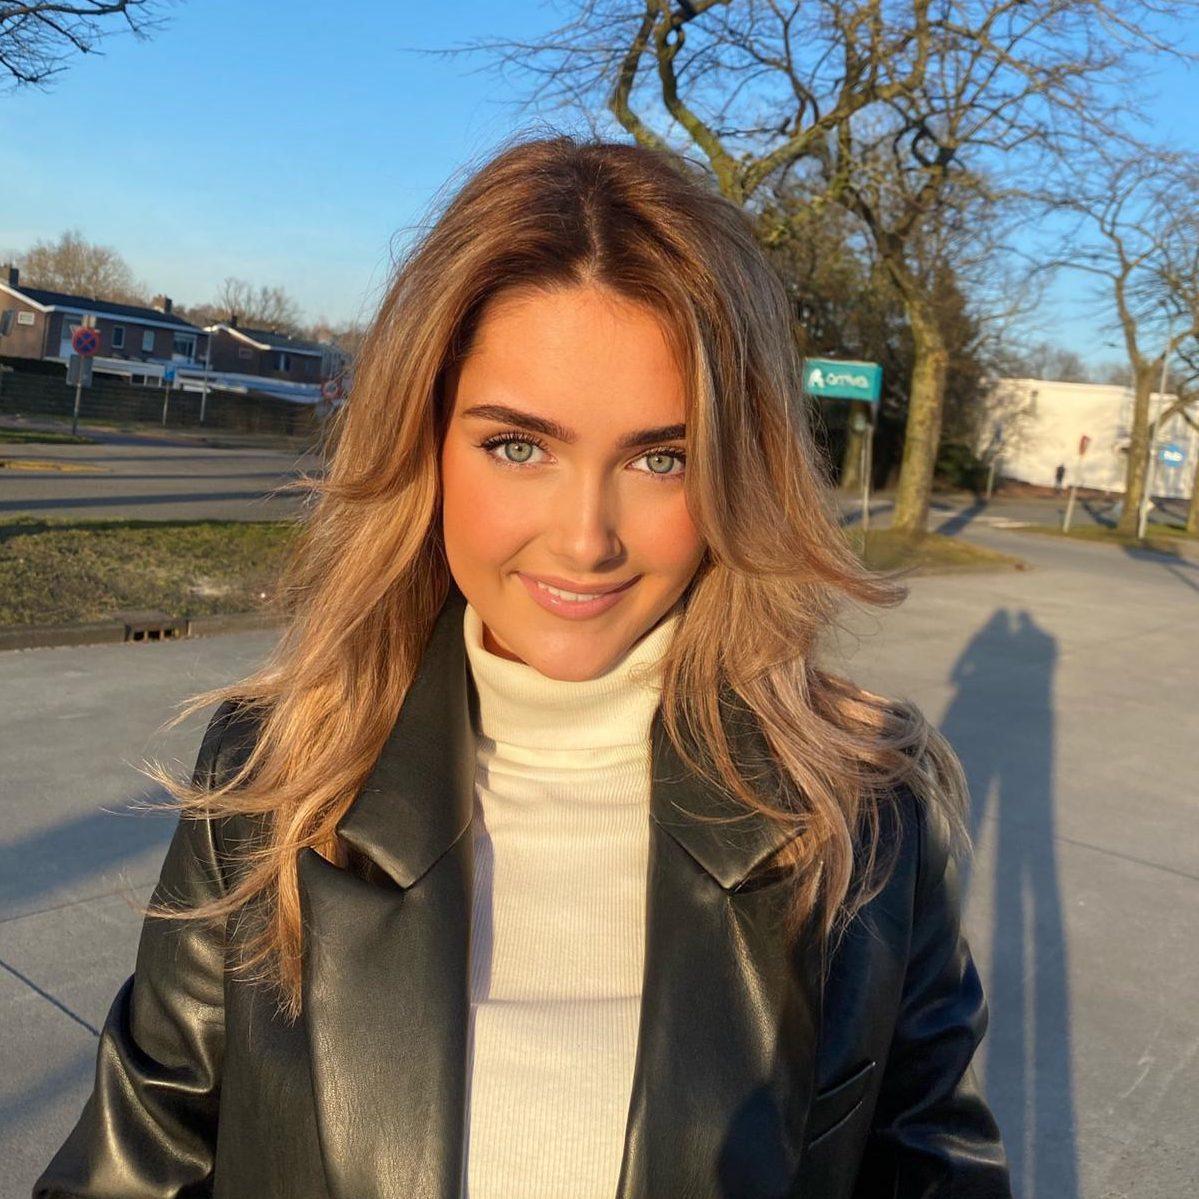 Kaylee Hulsebos